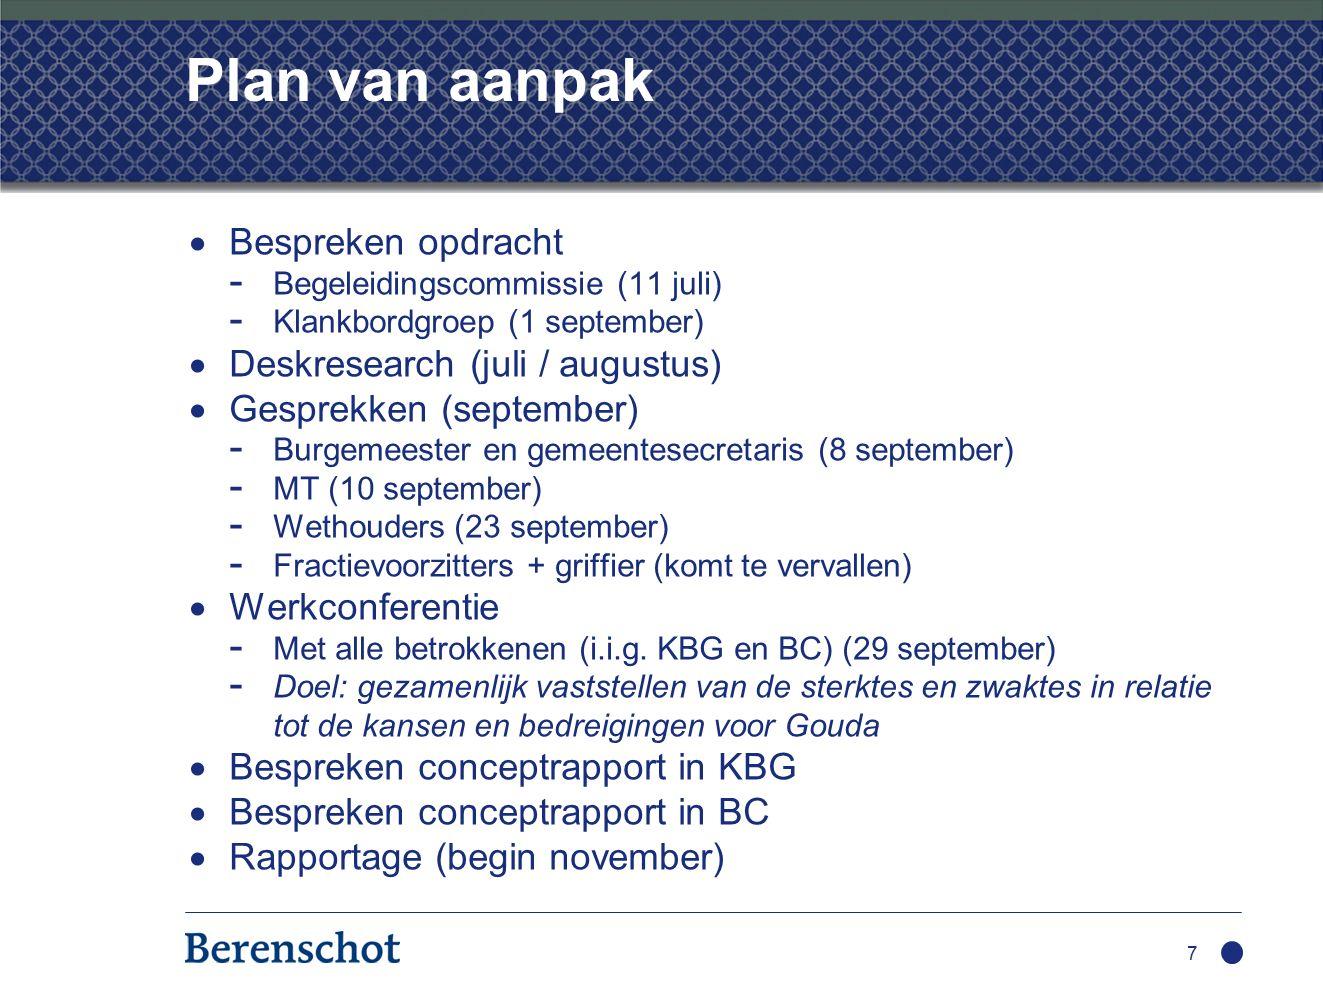 7 Plan van aanpak  Bespreken opdracht - Begeleidingscommissie (11 juli) - Klankbordgroep (1 september)  Deskresearch (juli / augustus)  Gesprekken (september) - Burgemeester en gemeentesecretaris (8 september) - MT (10 september) - Wethouders (23 september) - Fractievoorzitters + griffier (komt te vervallen)  Werkconferentie - Met alle betrokkenen (i.i.g.